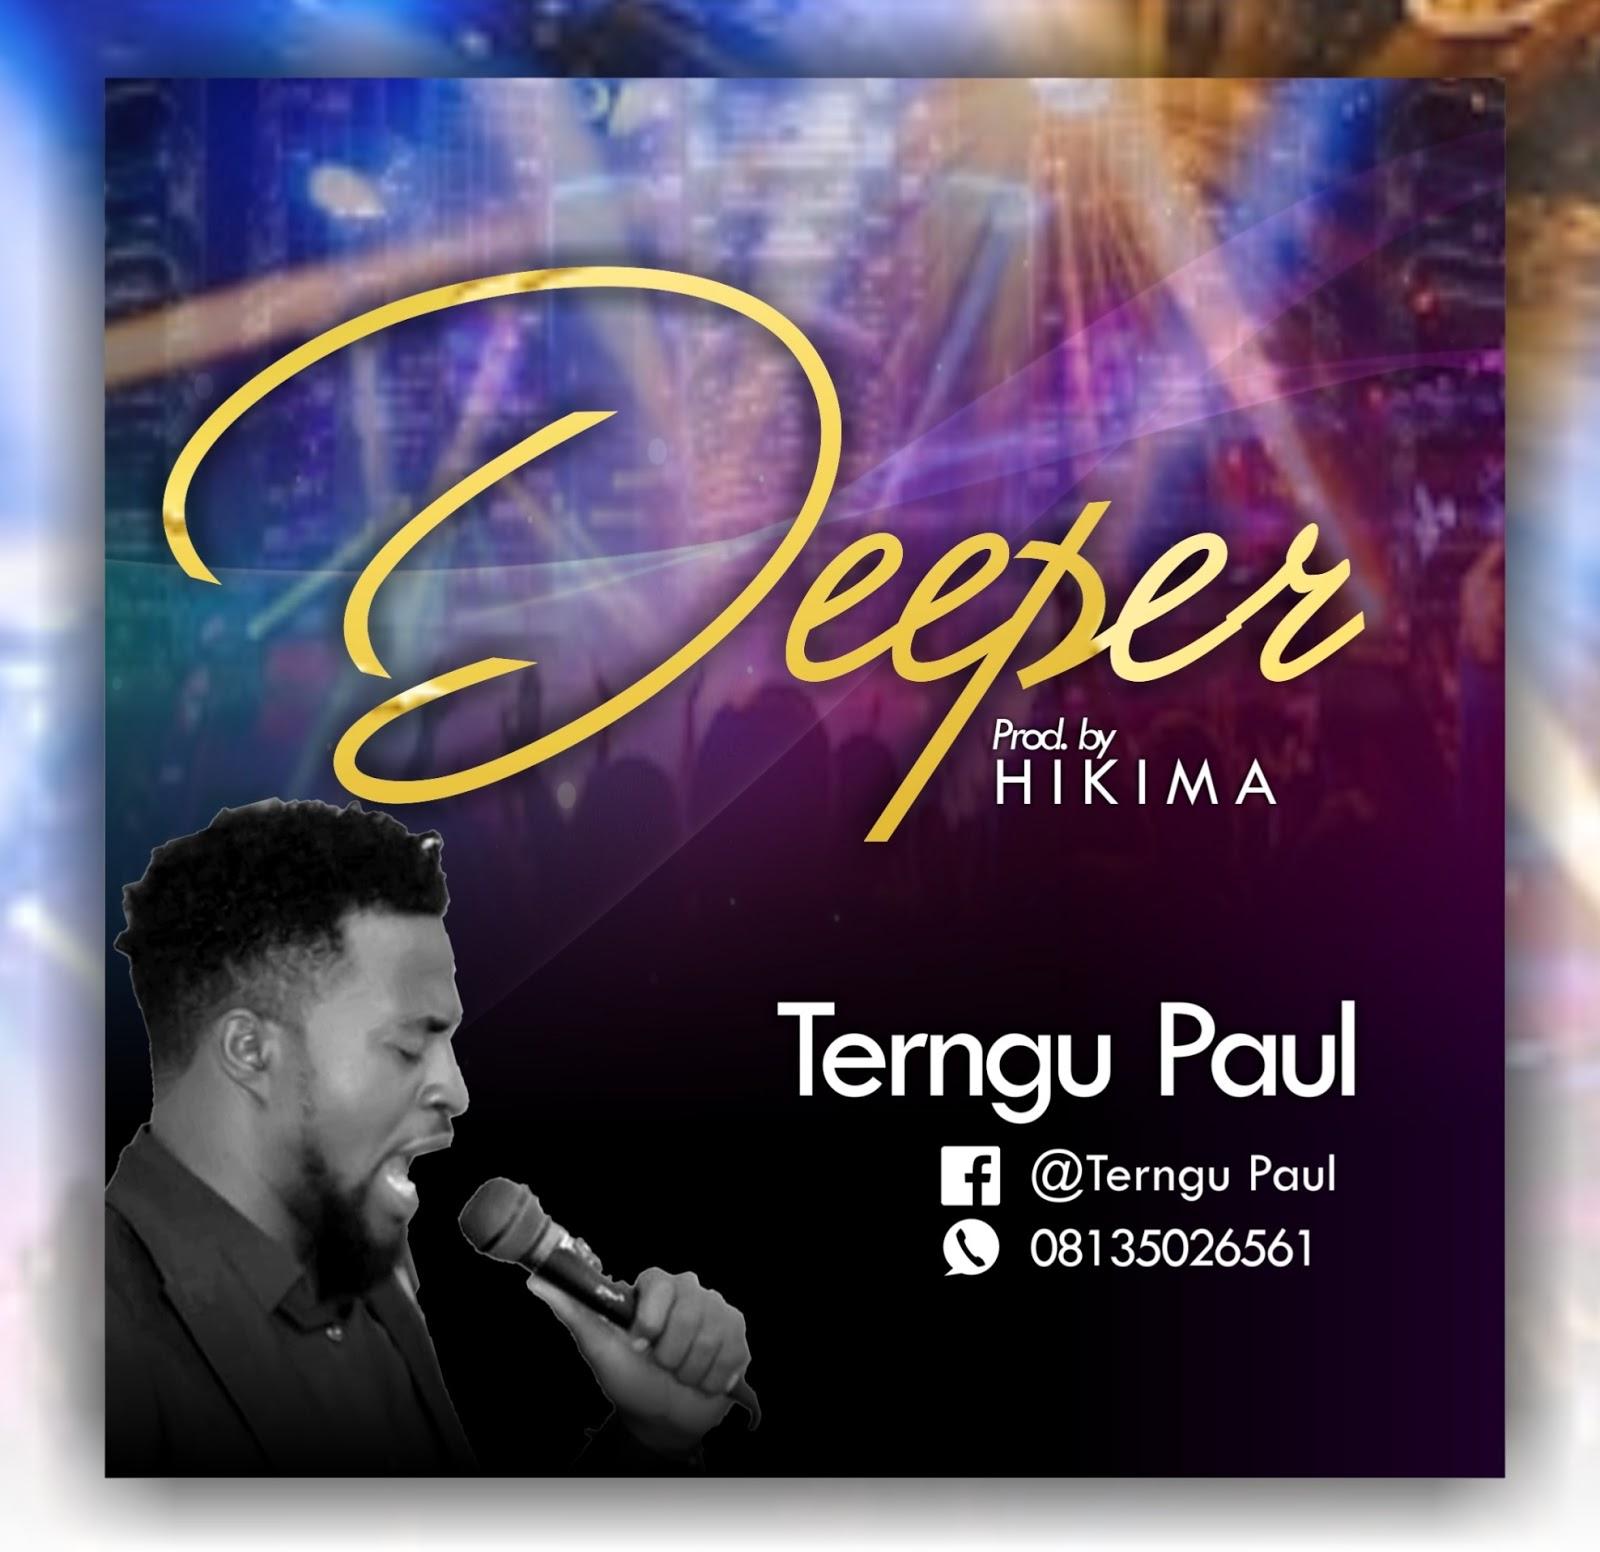 Paul Terngu - Deeper (Prod by Hikima)